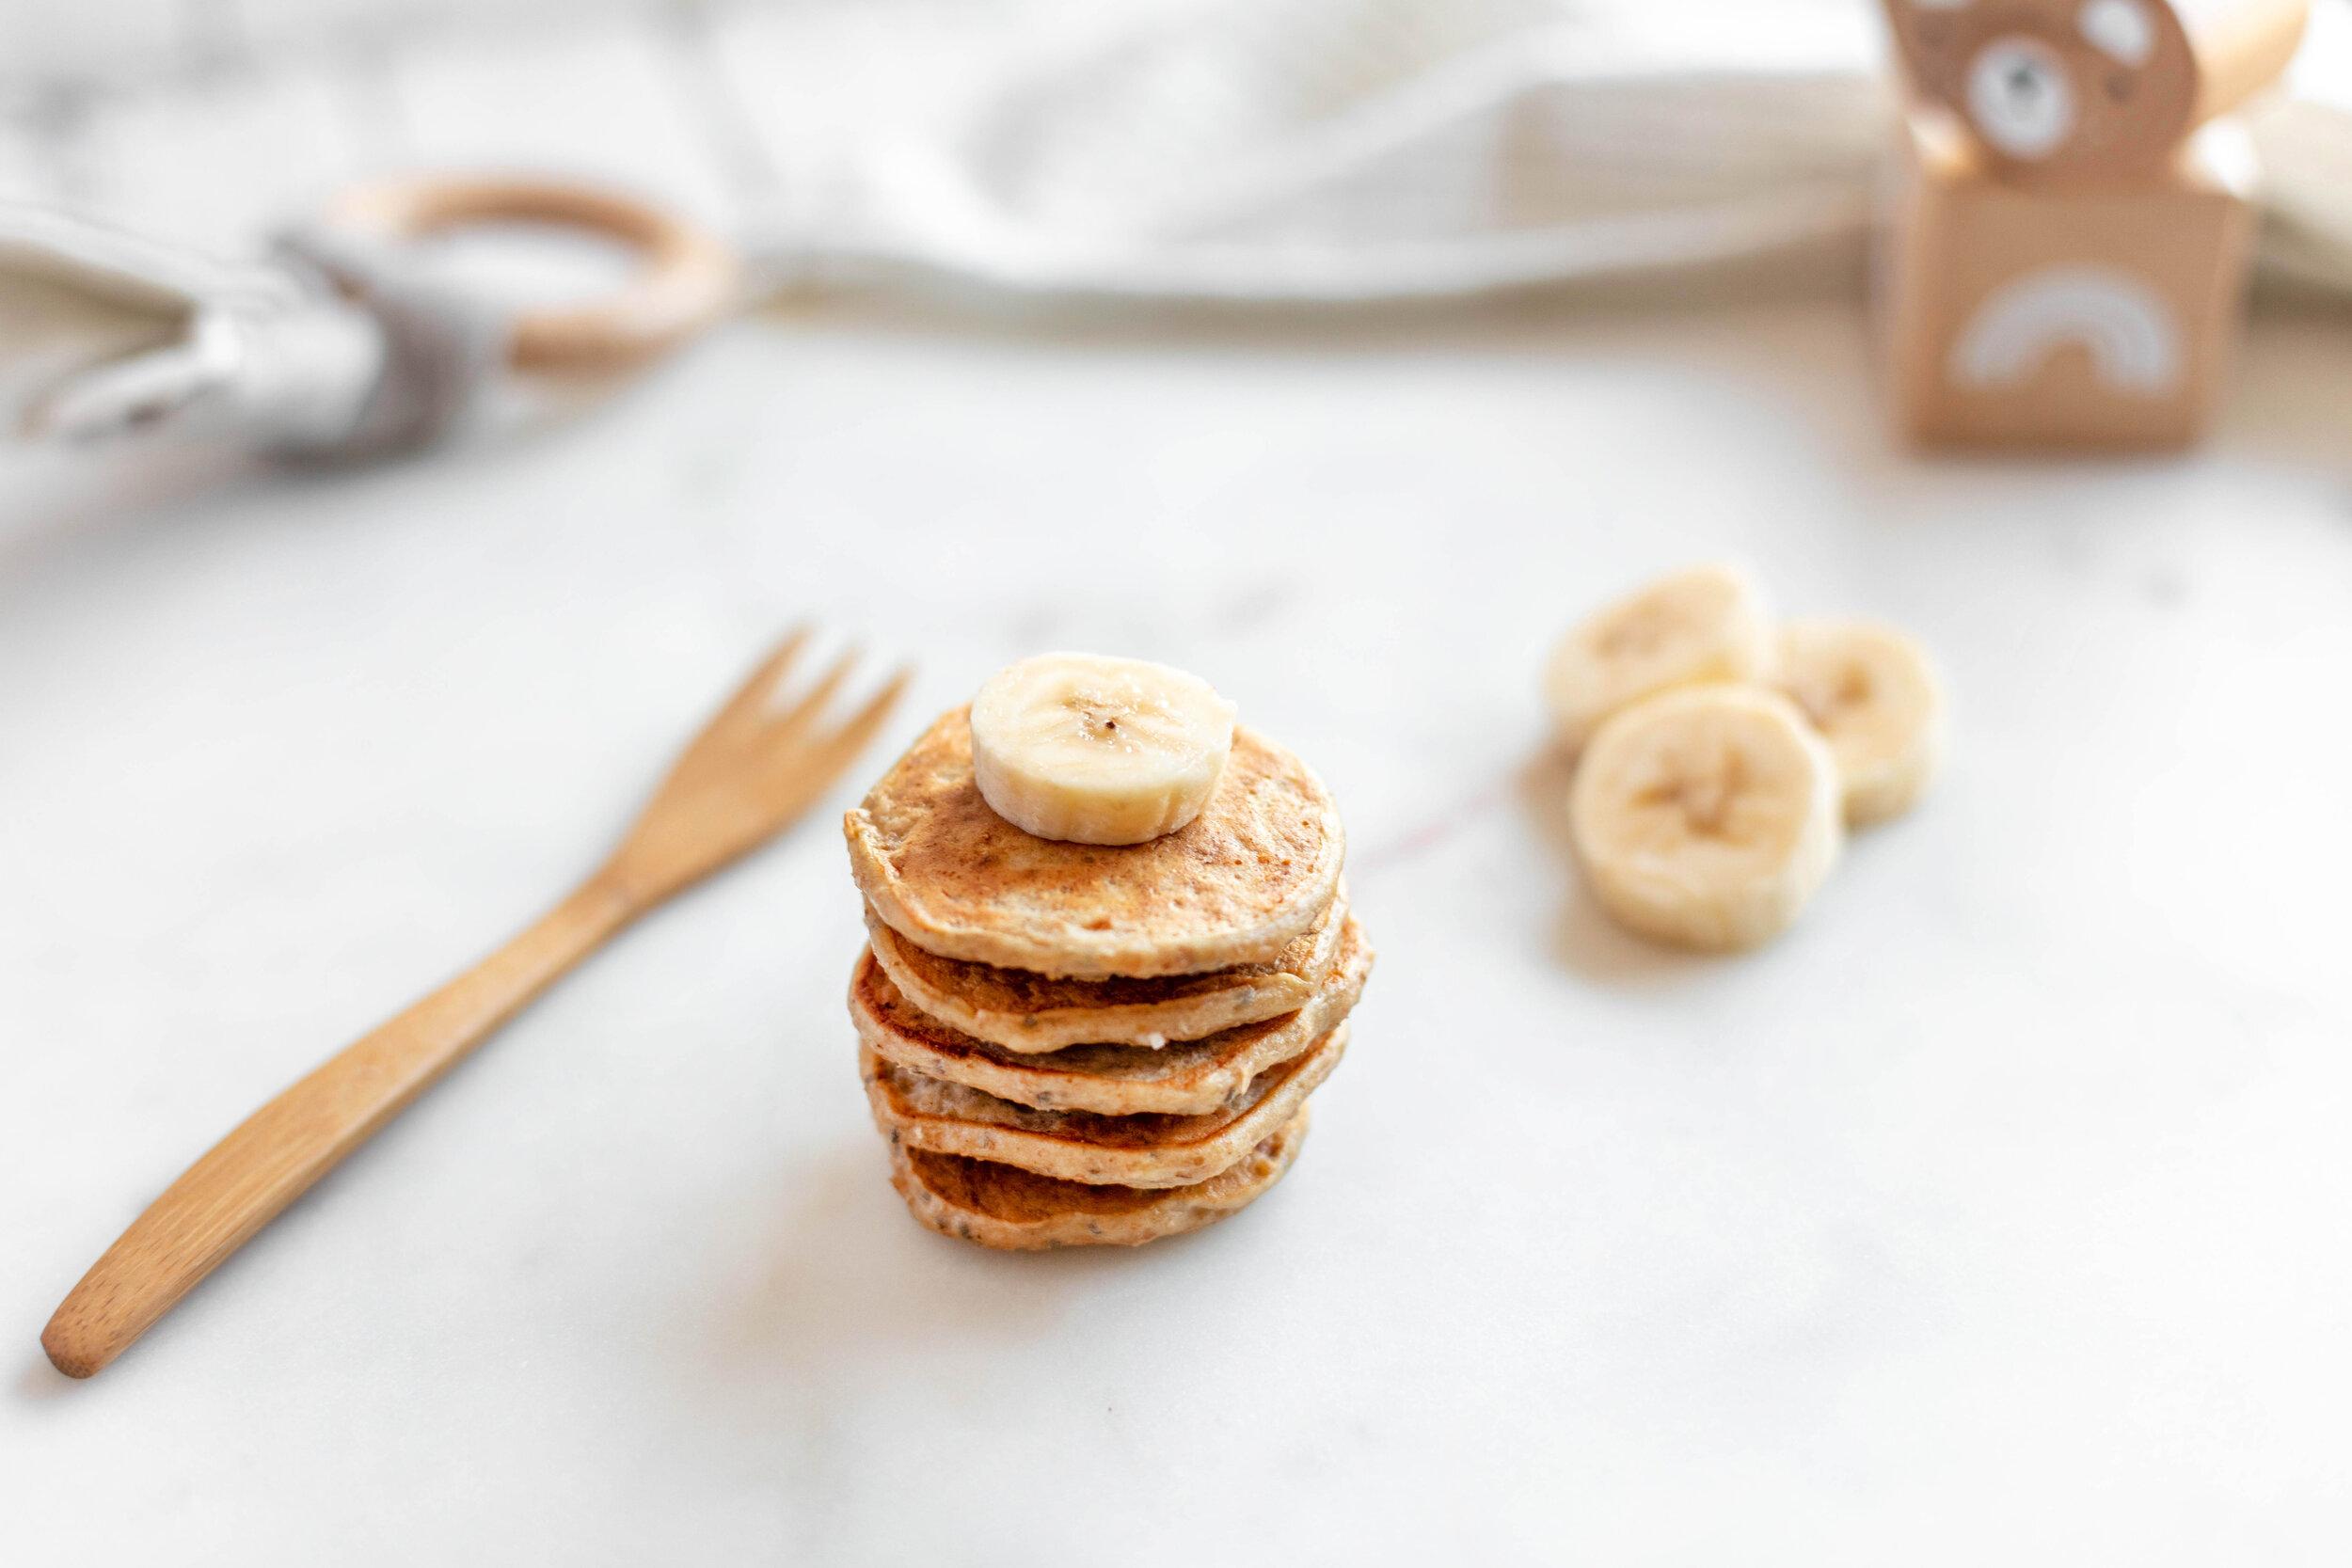 Baby Pancakes Made With Only Organic Banana Porridge